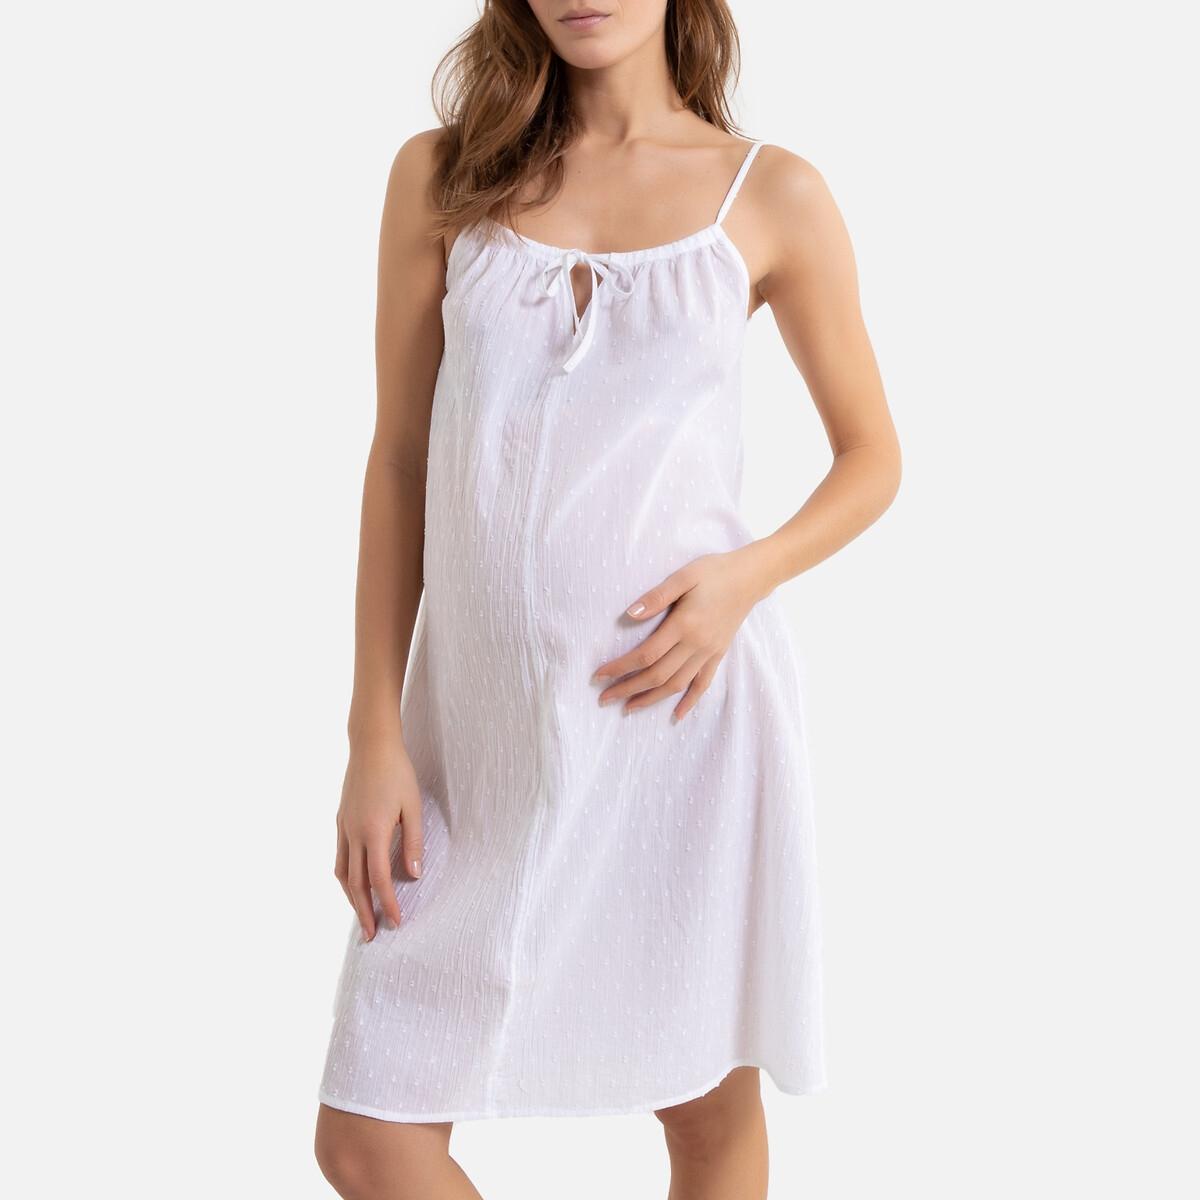 Рубашка La Redoute Ночная объемная для периода беременности и грудного вскармливания 42 (FR) - 48 (RUS) белый трусы la redoute для периода беременности шт 34 36 fr 40 42 rus белый